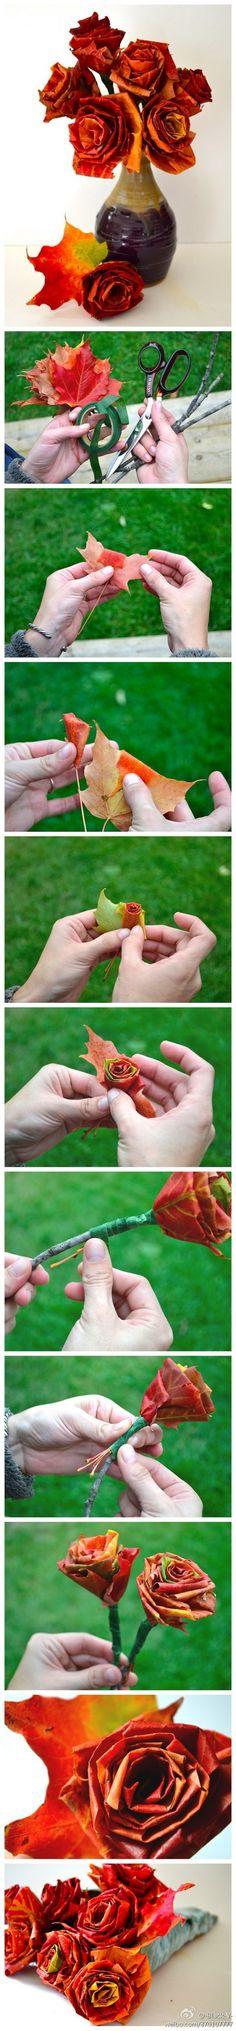 Creatieve ideeën | Rozen gemaakt van herfstbladeren Door Rivkaa